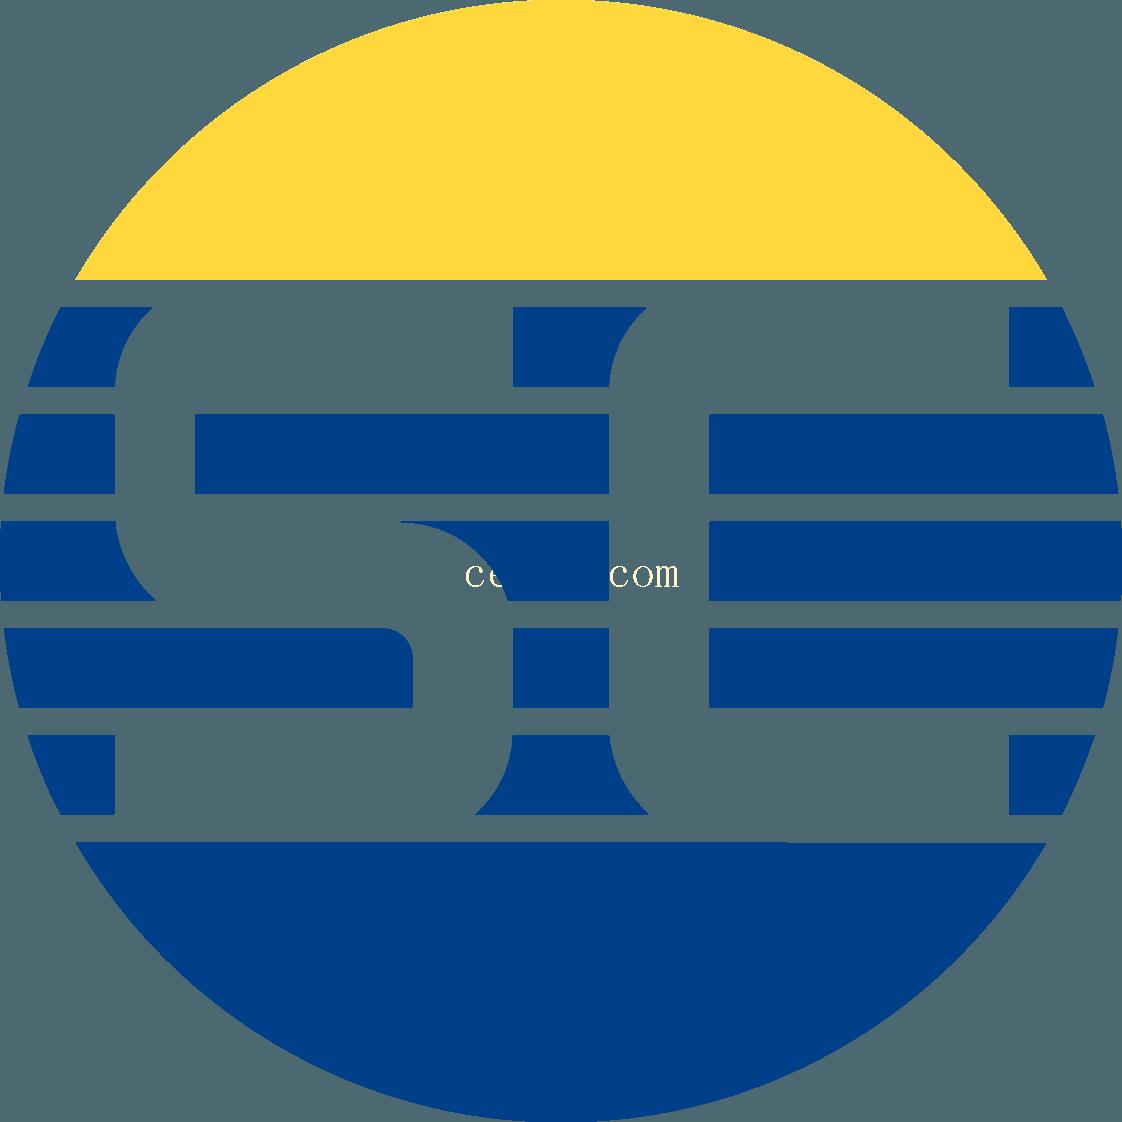 中检赛辰软件测评(广州)有限公司